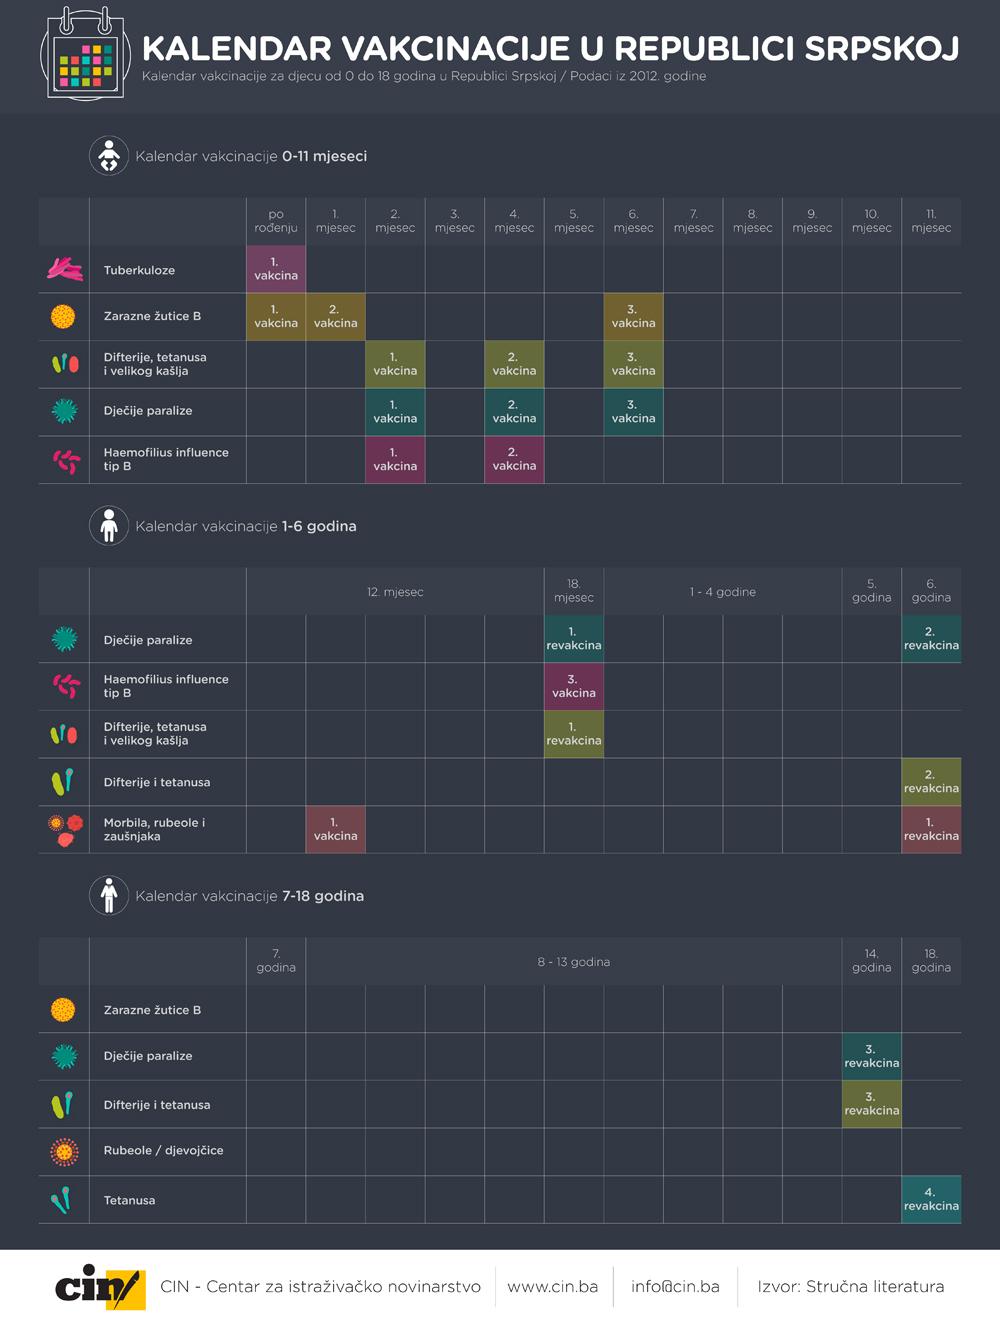 Kalendar vakcinacije RS